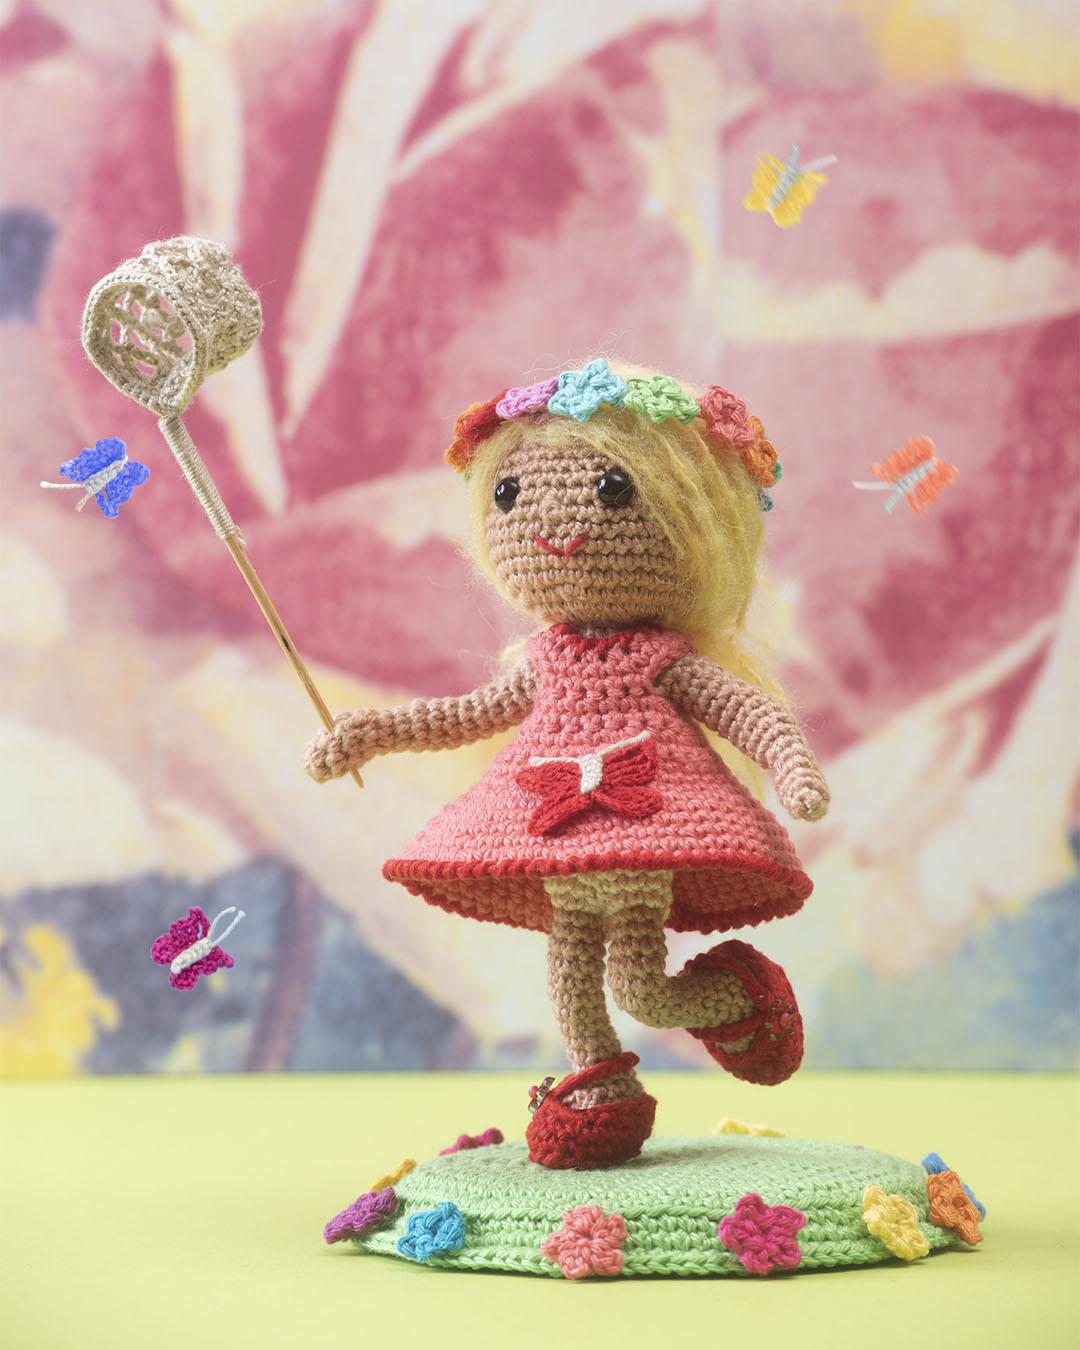 vlindermeisje, haakpatroon, haken, instantdownload, amigurumi, crochetpattern, crochet